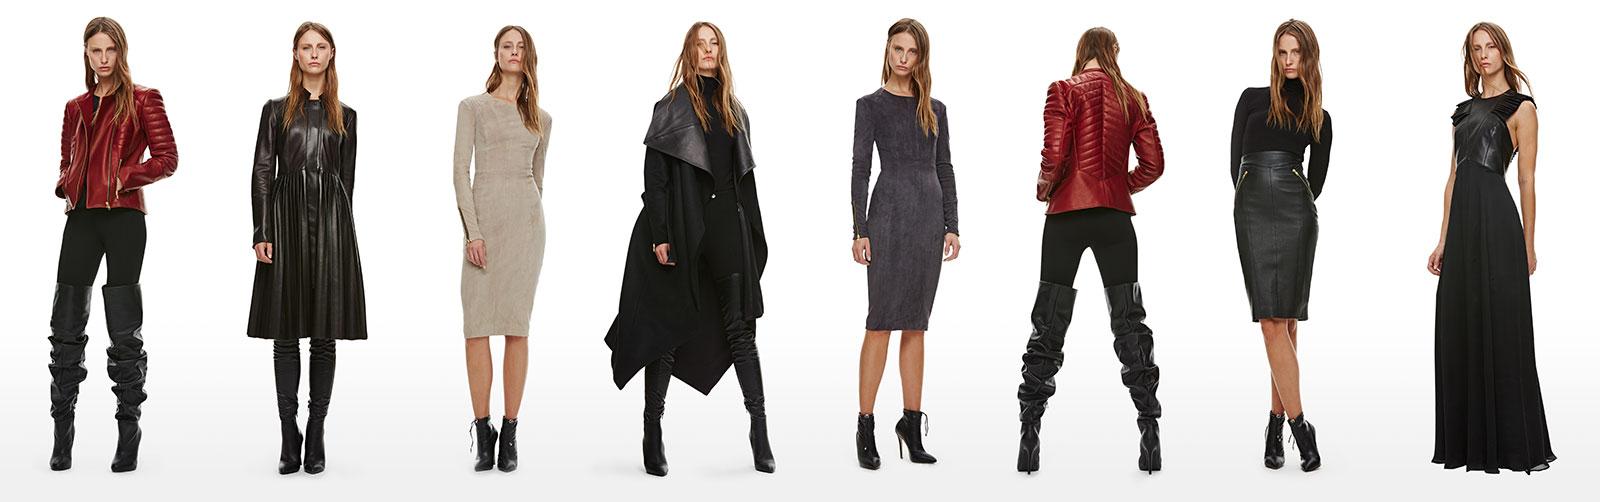 Ein Designer mit markanten Dreadlocks legt neue Modetrends